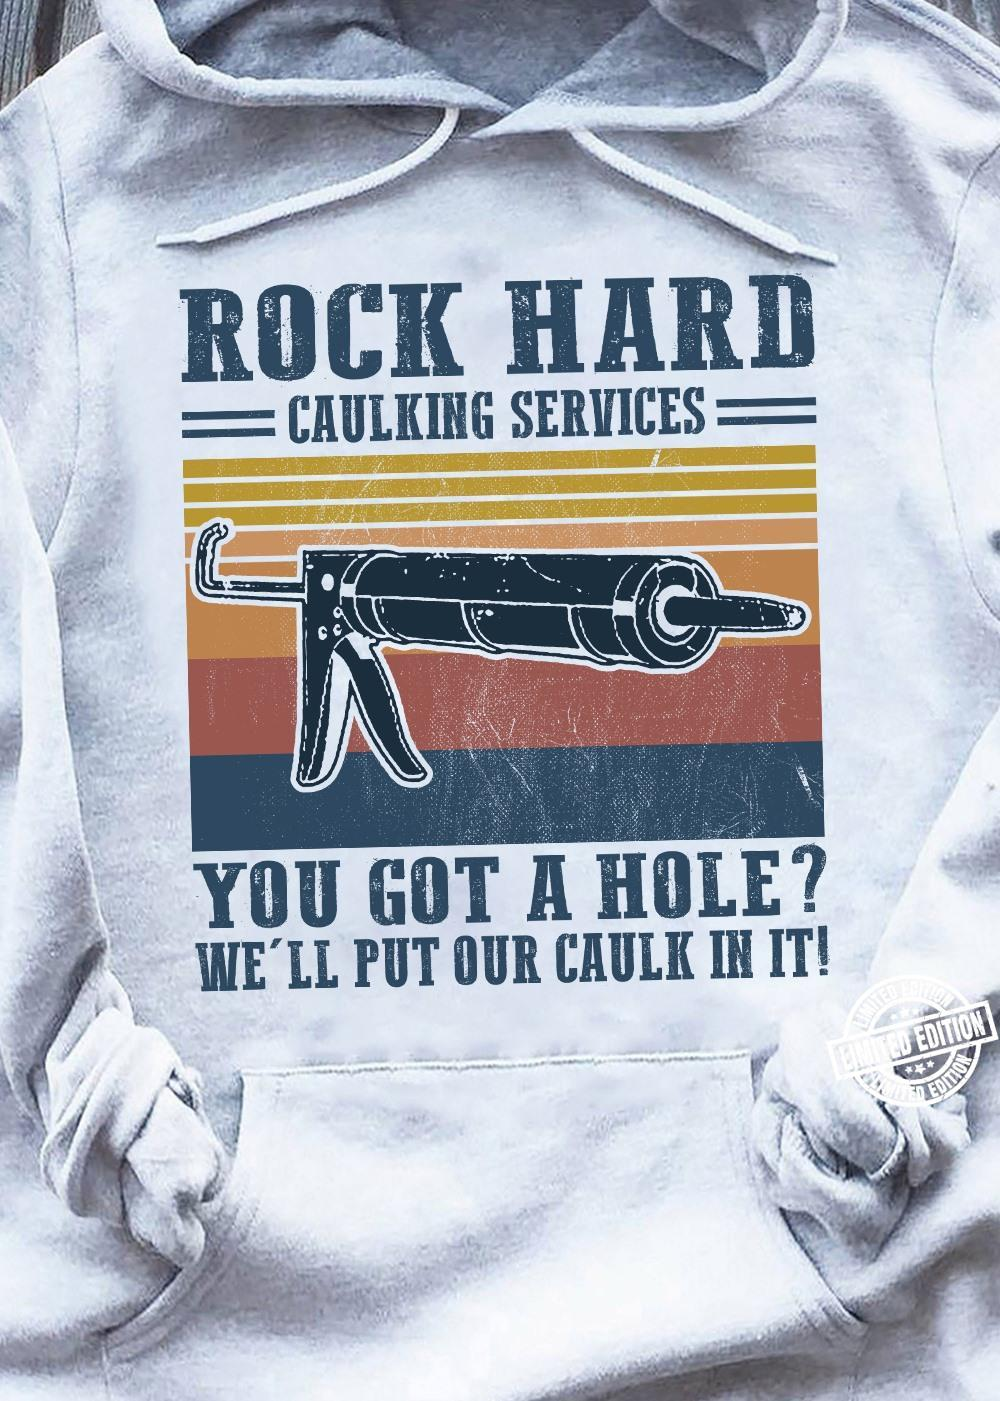 Rock hard caulking services you got a hole we'll put our caulk shirt